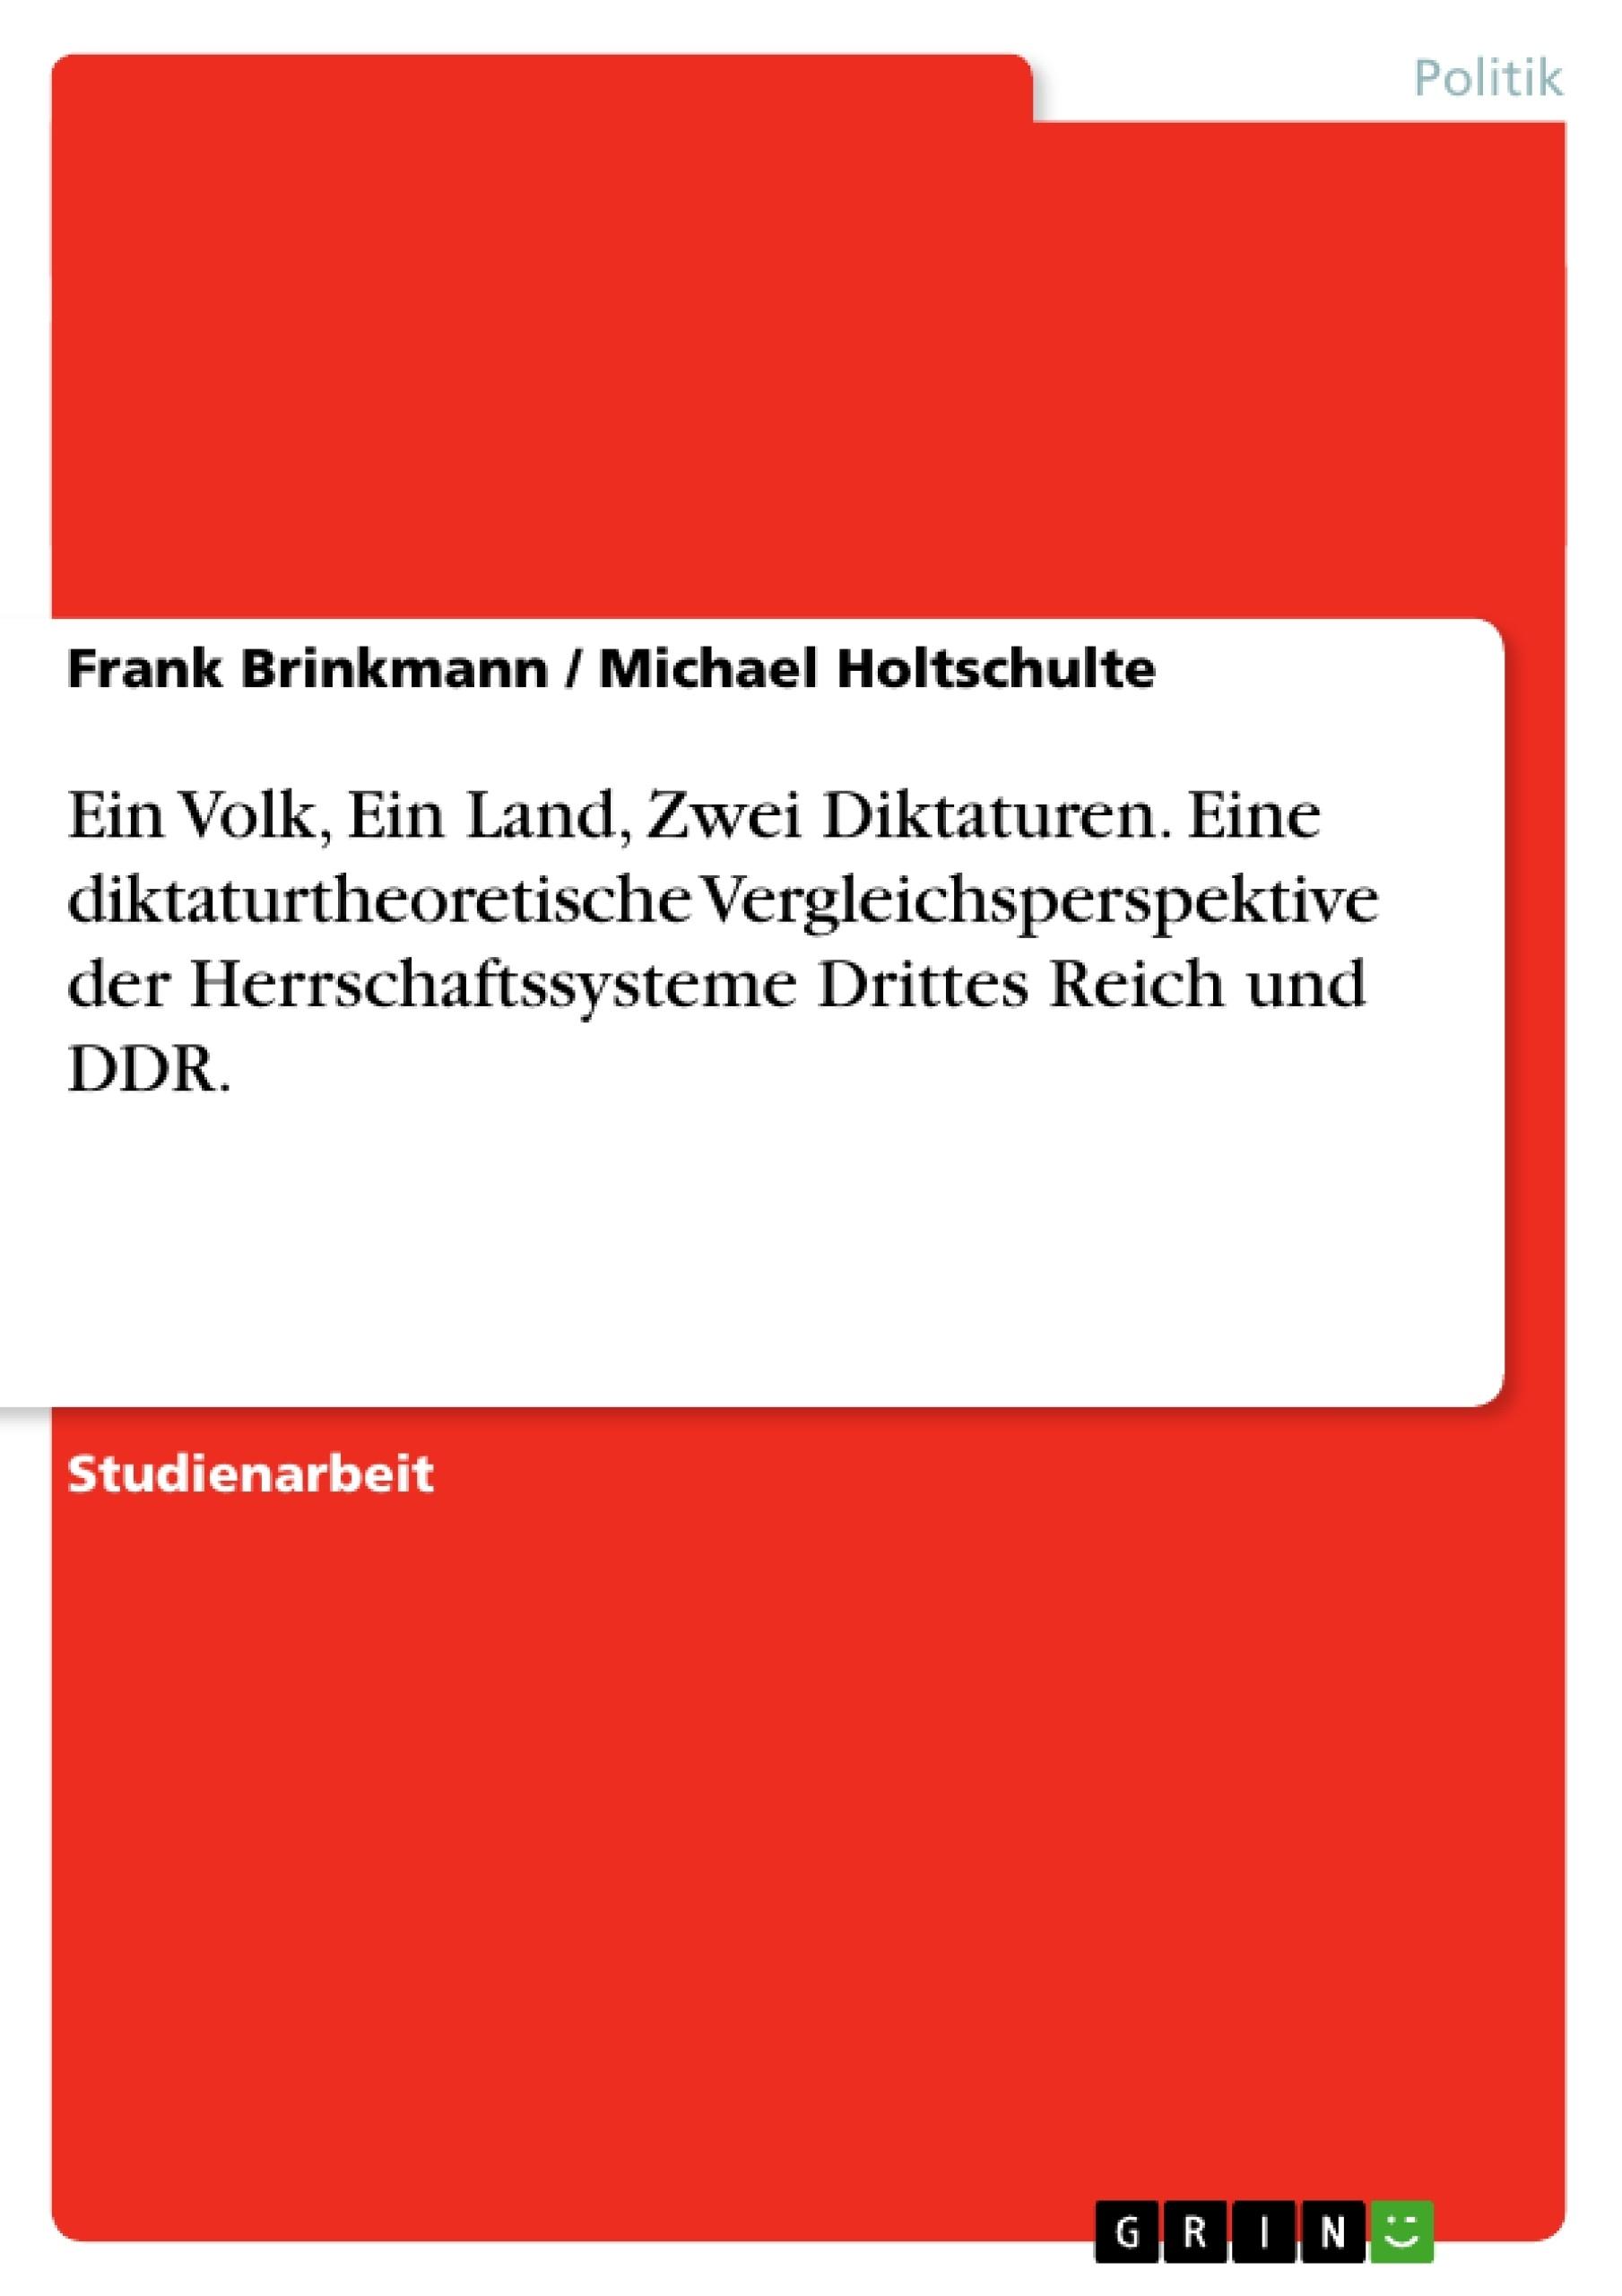 Titel: Ein Volk, Ein Land, Zwei Diktaturen. Eine diktaturtheoretische Vergleichsperspektive der Herrschaftssysteme Drittes Reich und DDR.